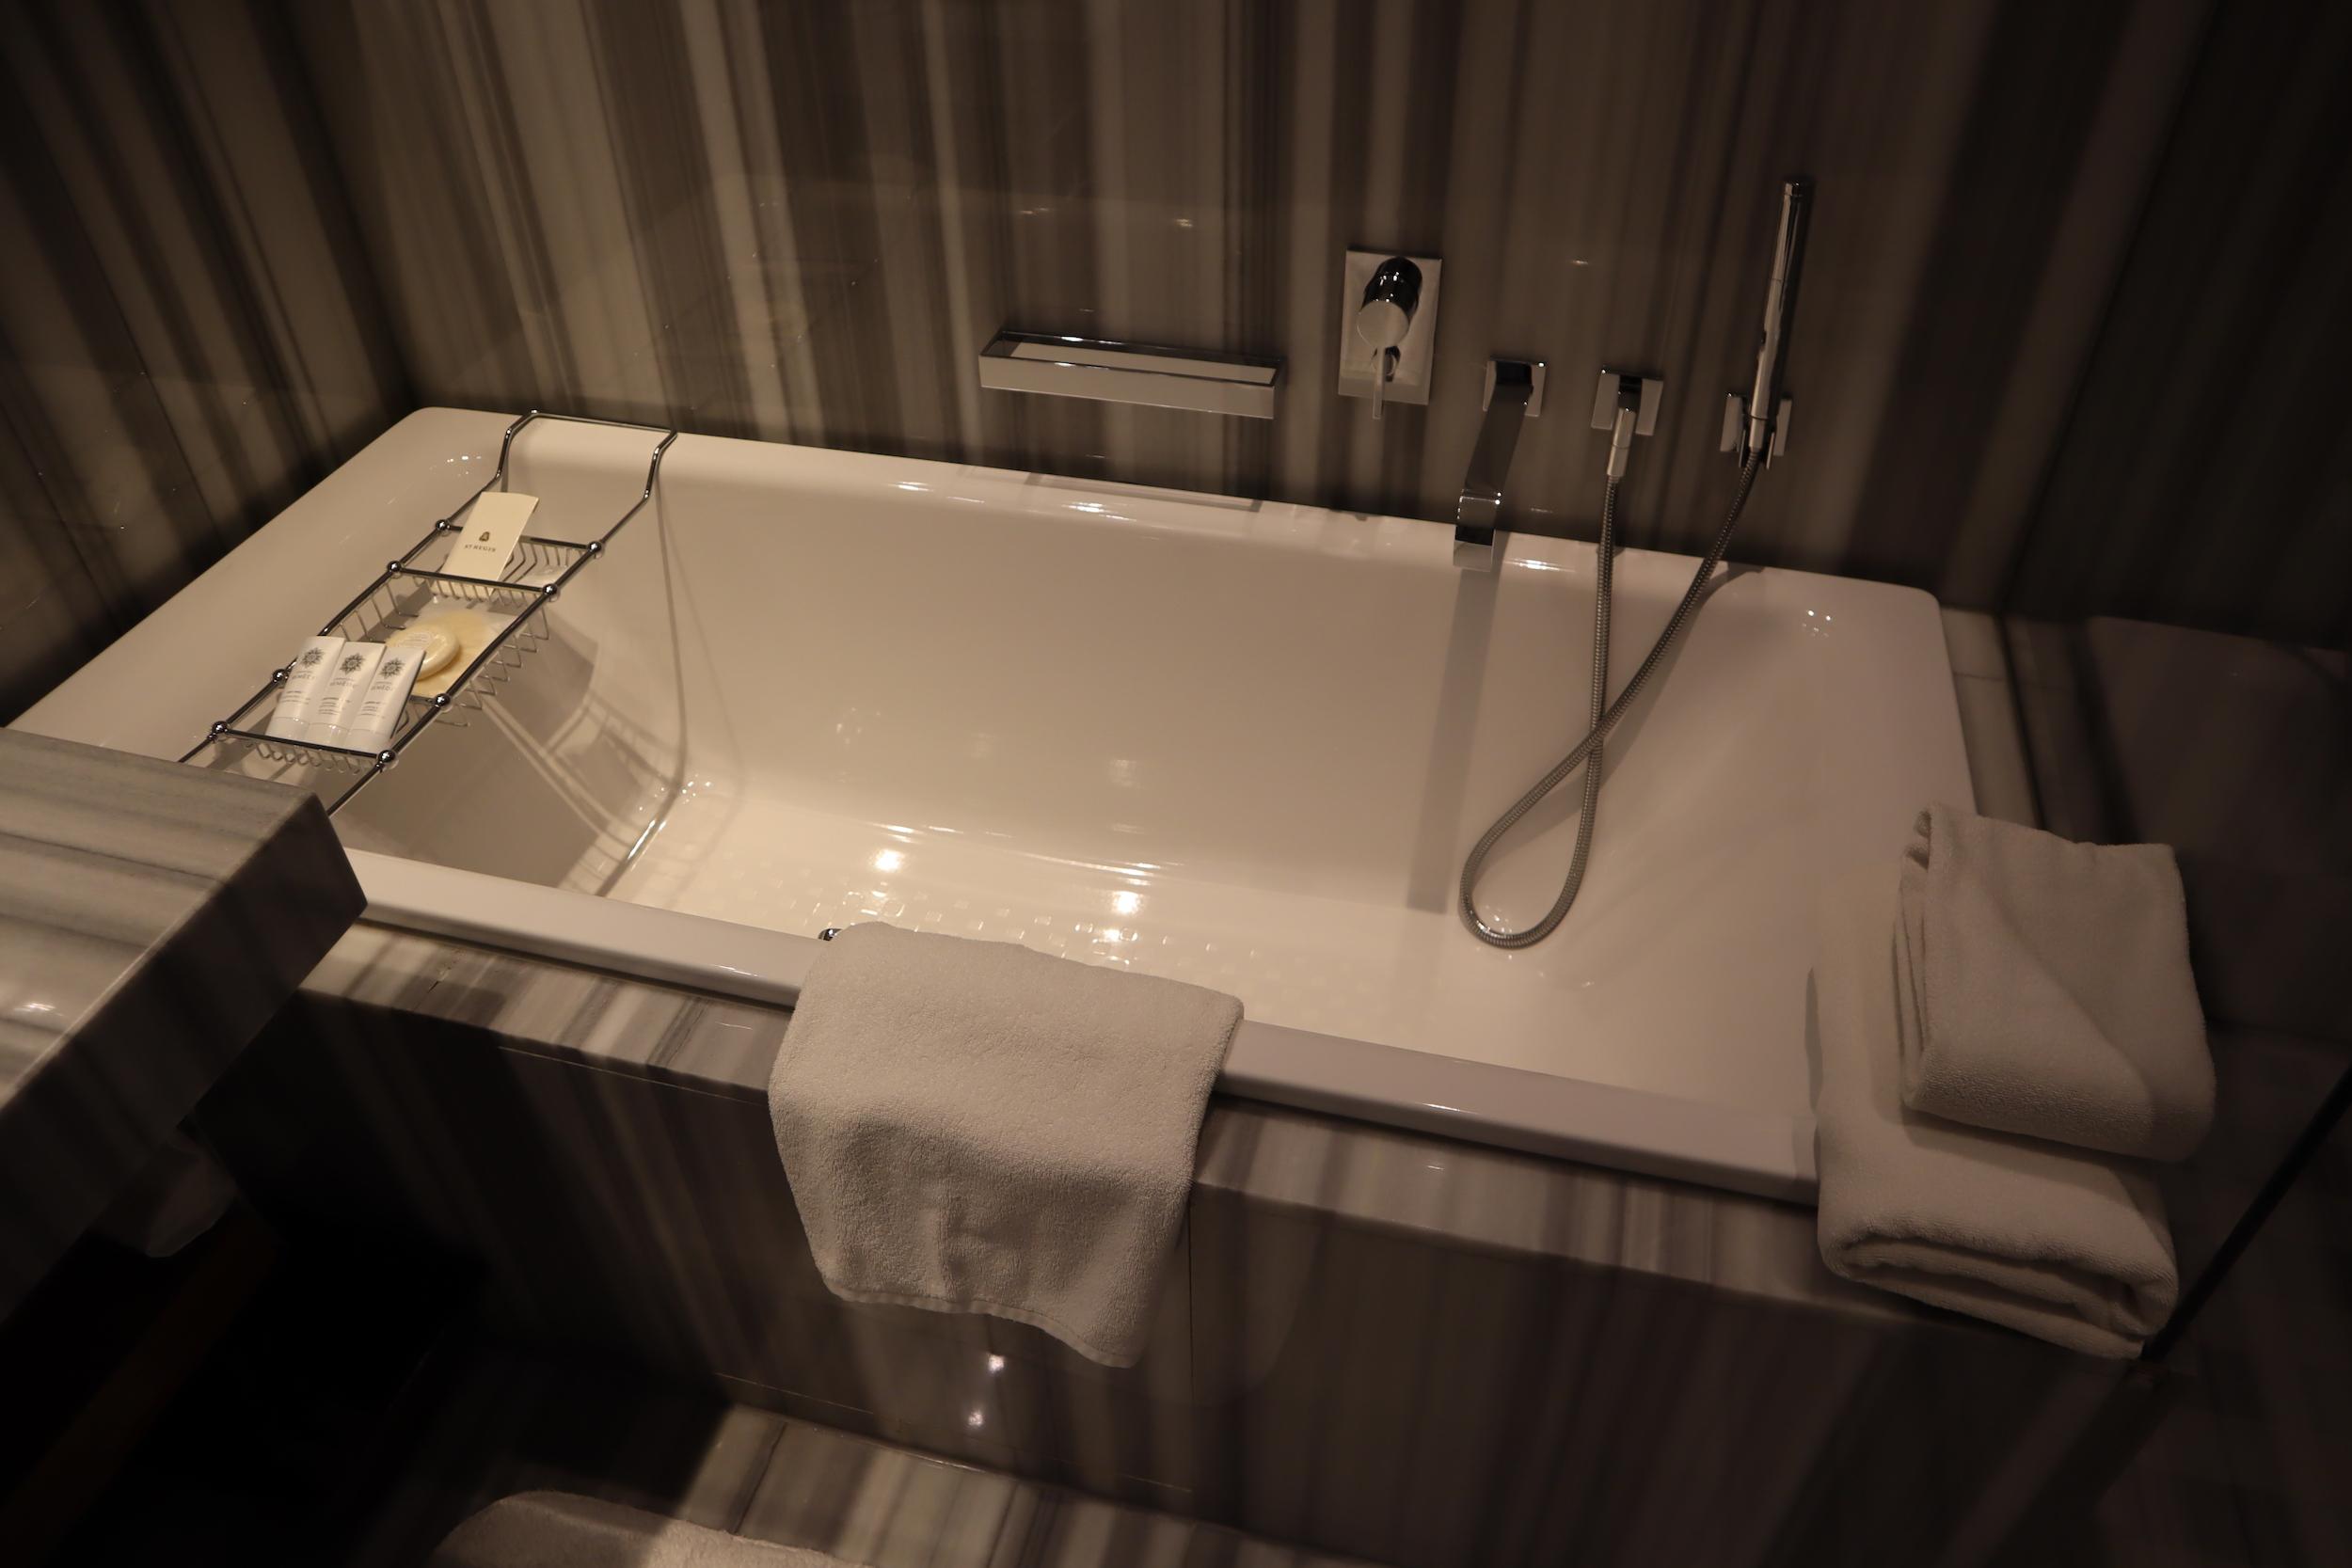 St. Regis Istanbul – St. Regis Suite bathtub